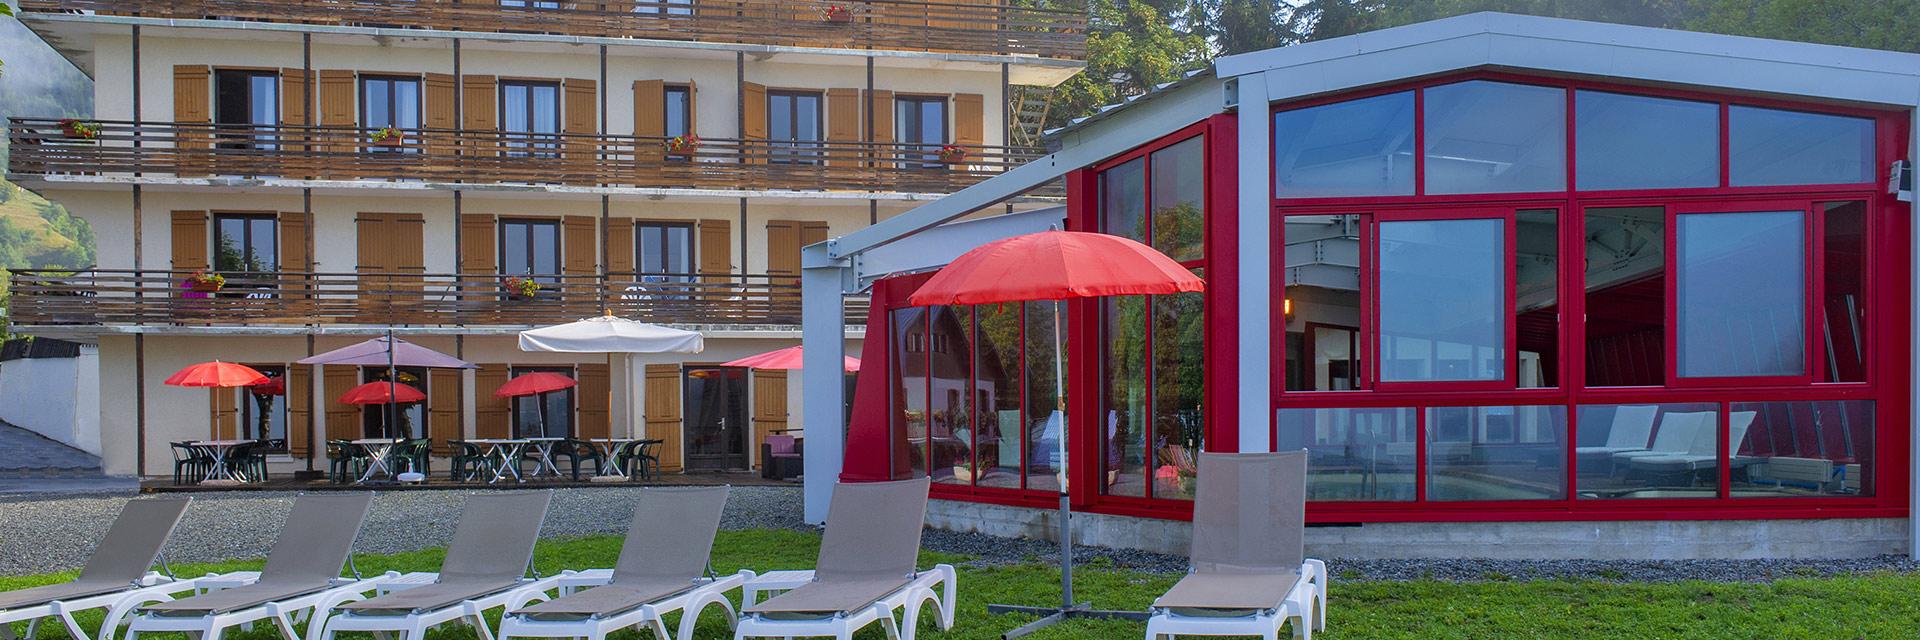 Mauricienne et Italie - Les Hôtels Clubs de Saint-François